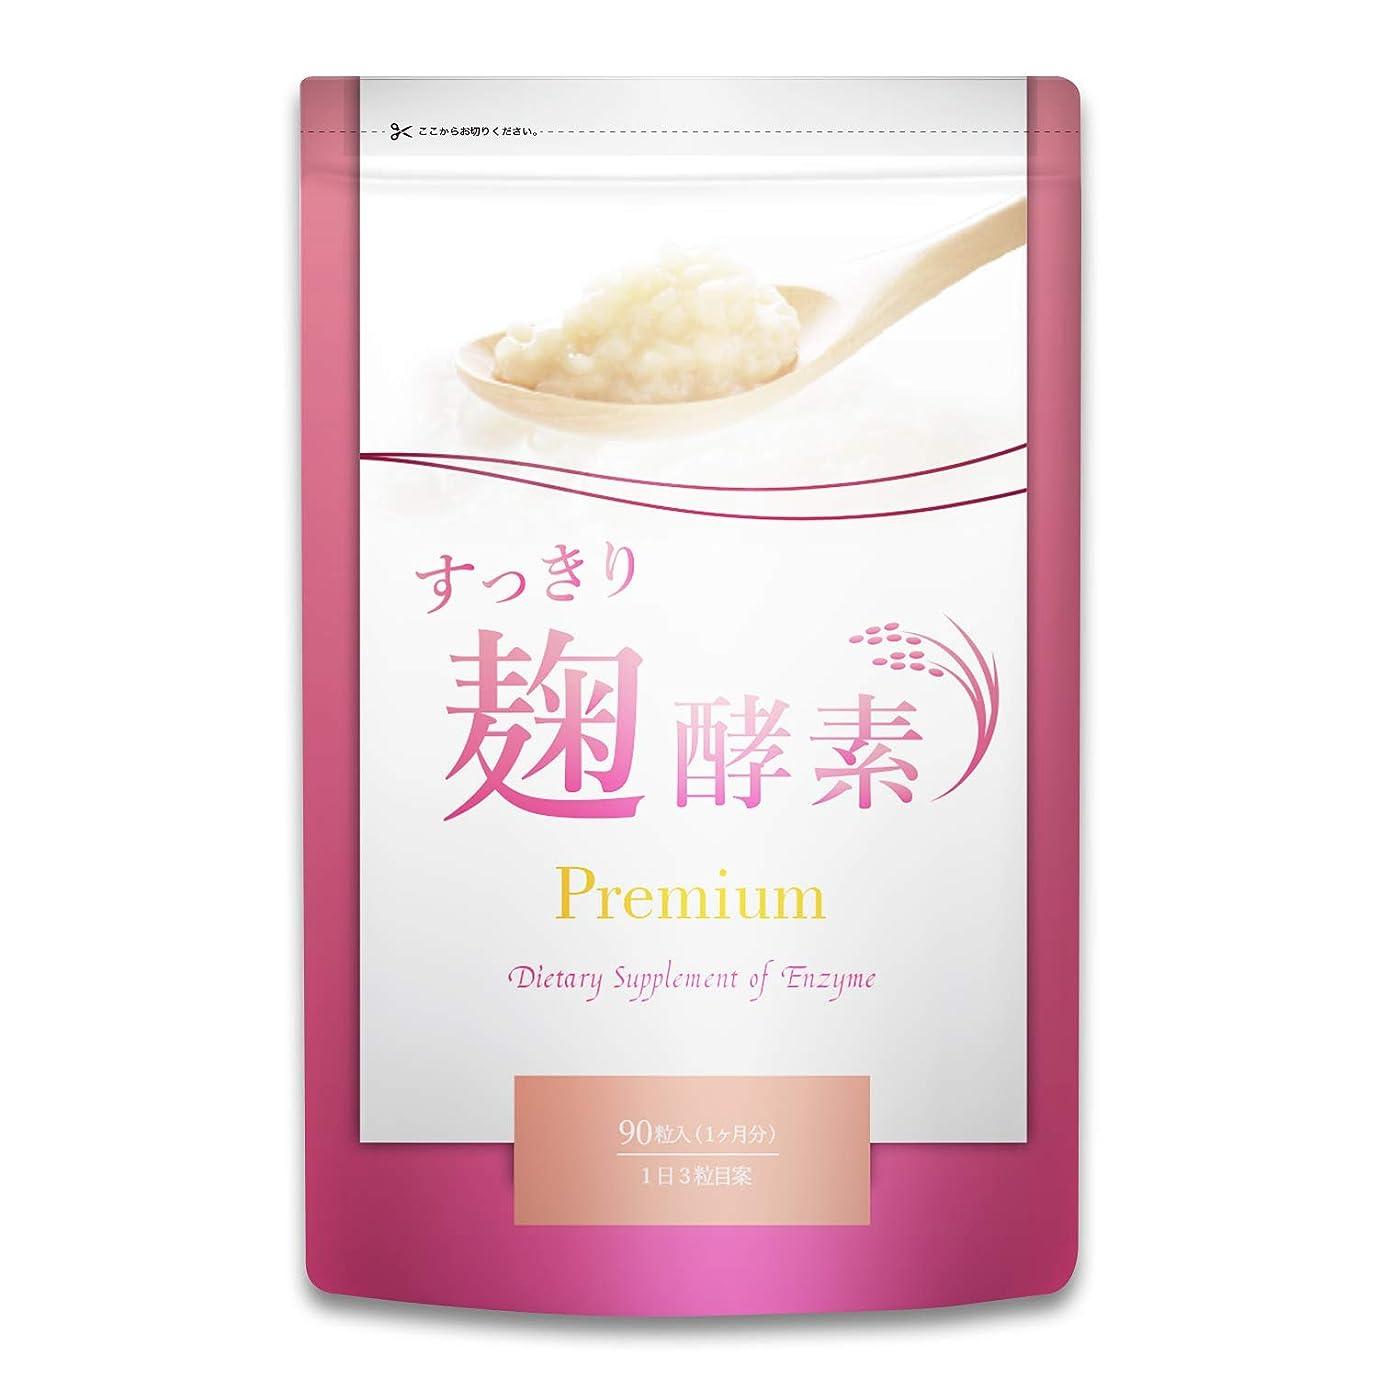 喉が渇いた吸うみがきますすっきり麹酵素Premium 7種の穀物酵素配合サプリメント 90粒 30日分